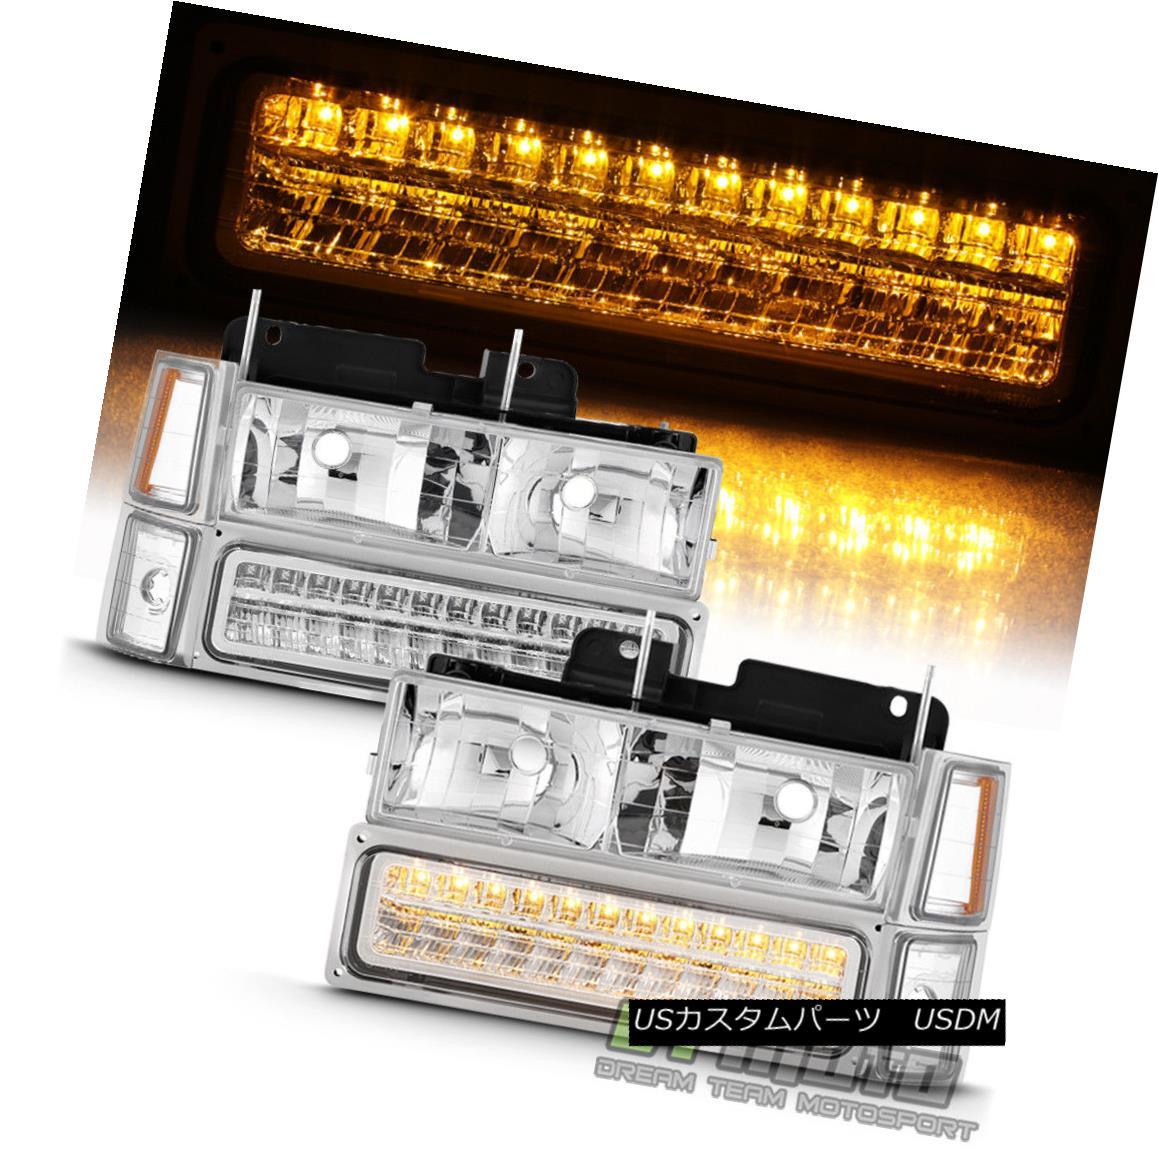 ヘッドライト 8PC 1994-1999 Chevy Silverado Tahoe Suburban Headlights+LED Bumper+Signal Lights 8PC 1994-1999 Chevy Silverado Tahoe郊外ヘッドライト+ LEDバンパー+信号灯